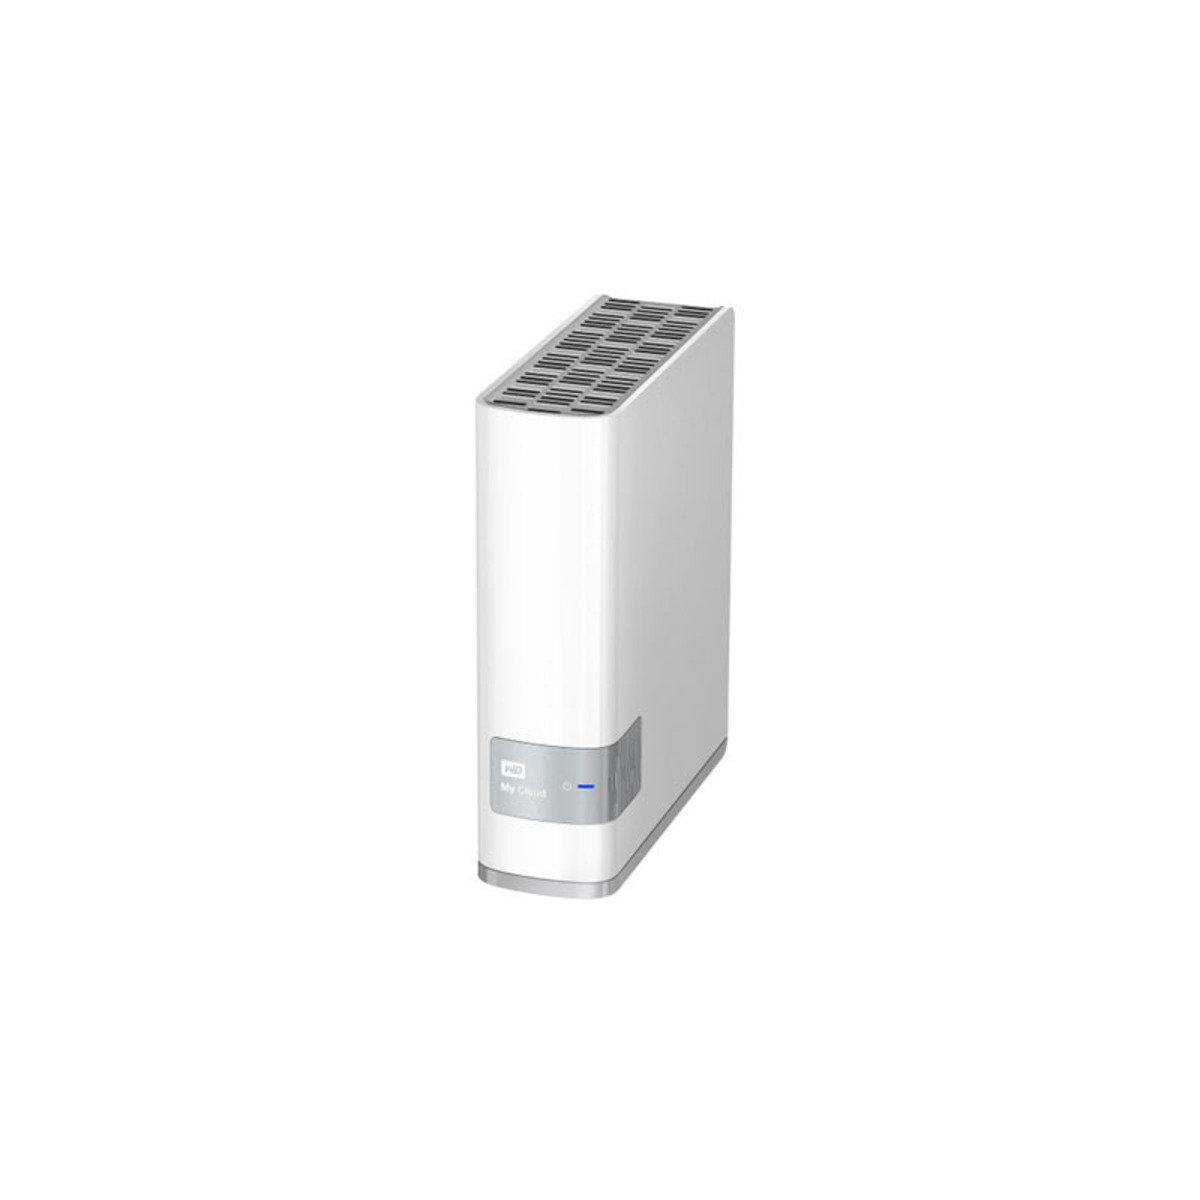 3TB 個人家用簡易雲端網絡儲存分享系統 WDBCTL0030HWT